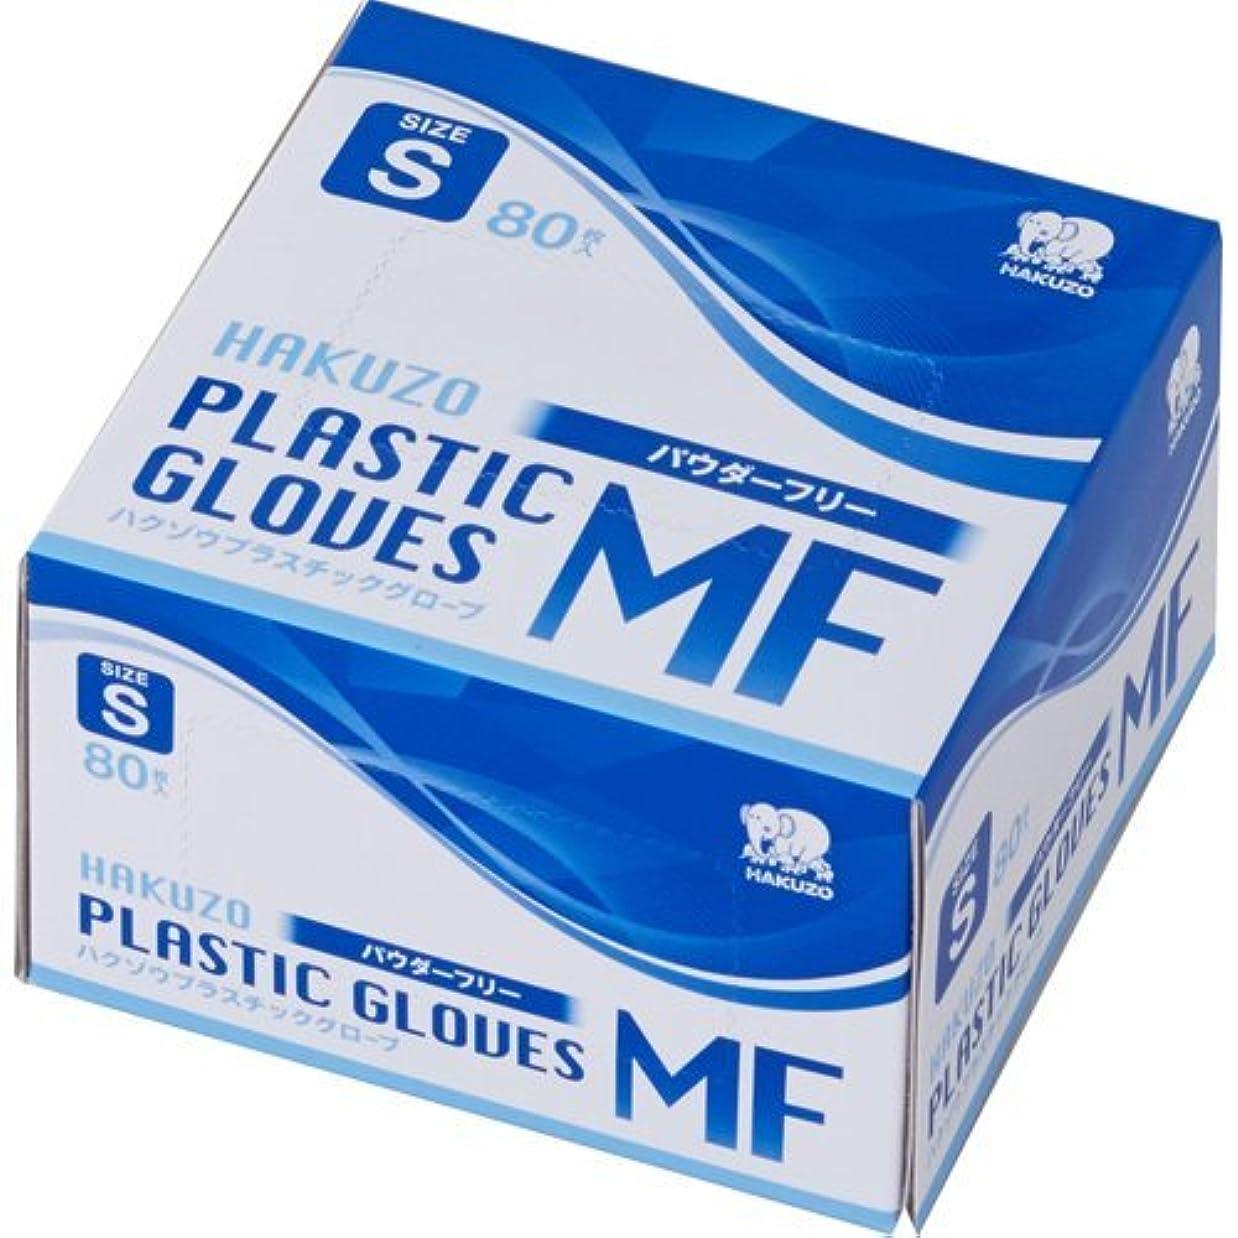 十代の若者たち囚人百ハクゾウメディカル ハクゾウ プラスチックグローブMF パウダーフリー Sサイズ 80枚入